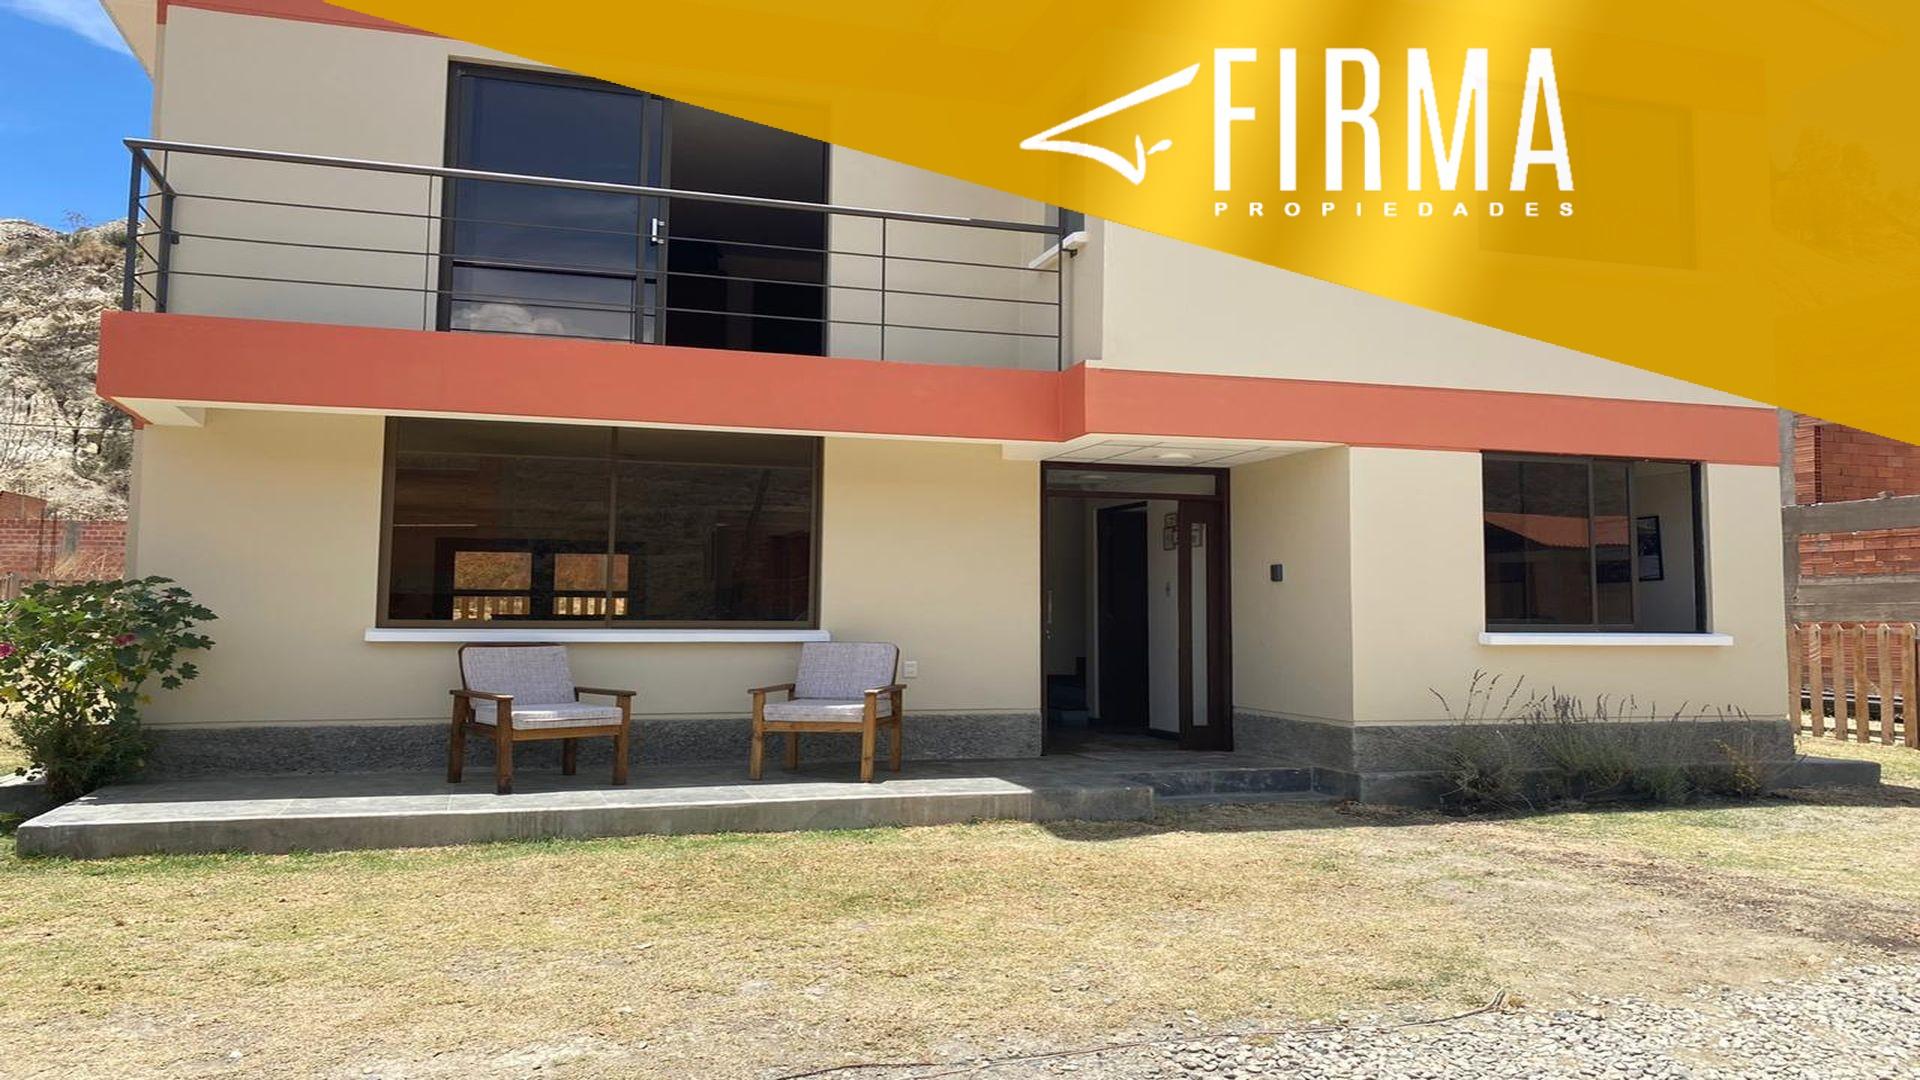 Casa en Venta FCV63614 – COMPRA ESTA CASA EN PREVENTA EN JUPAPINA Foto 1